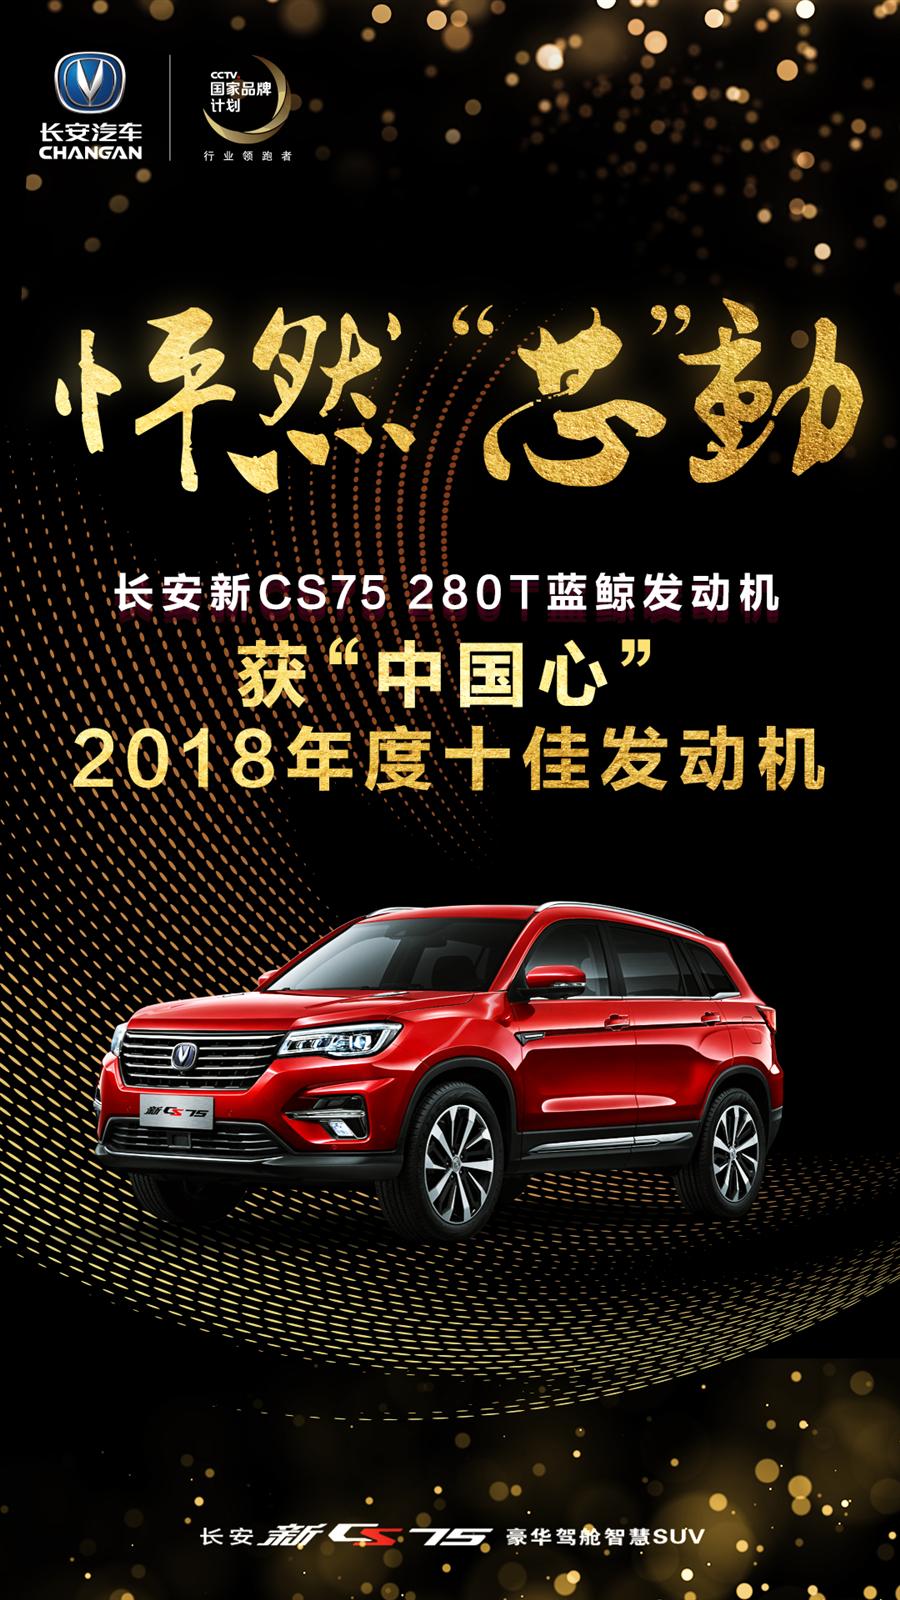 2018年度十佳发动机出炉,长安新CS75荣登榜单